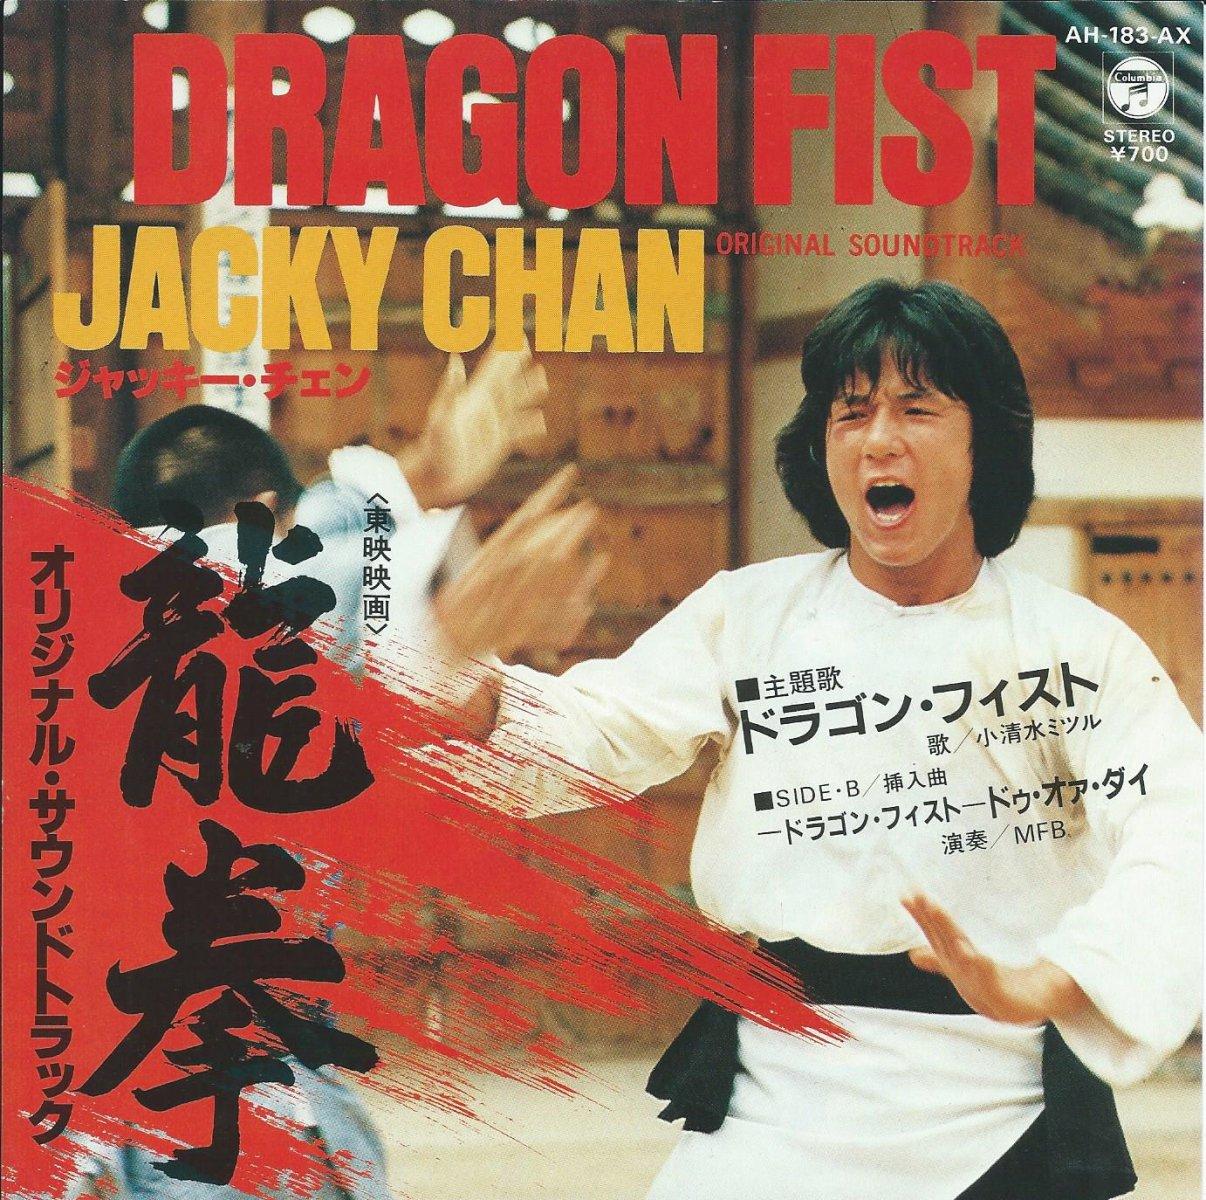 O.S.T. (林哲司) / ドラゴン・フィスト DRAGON FIST (7